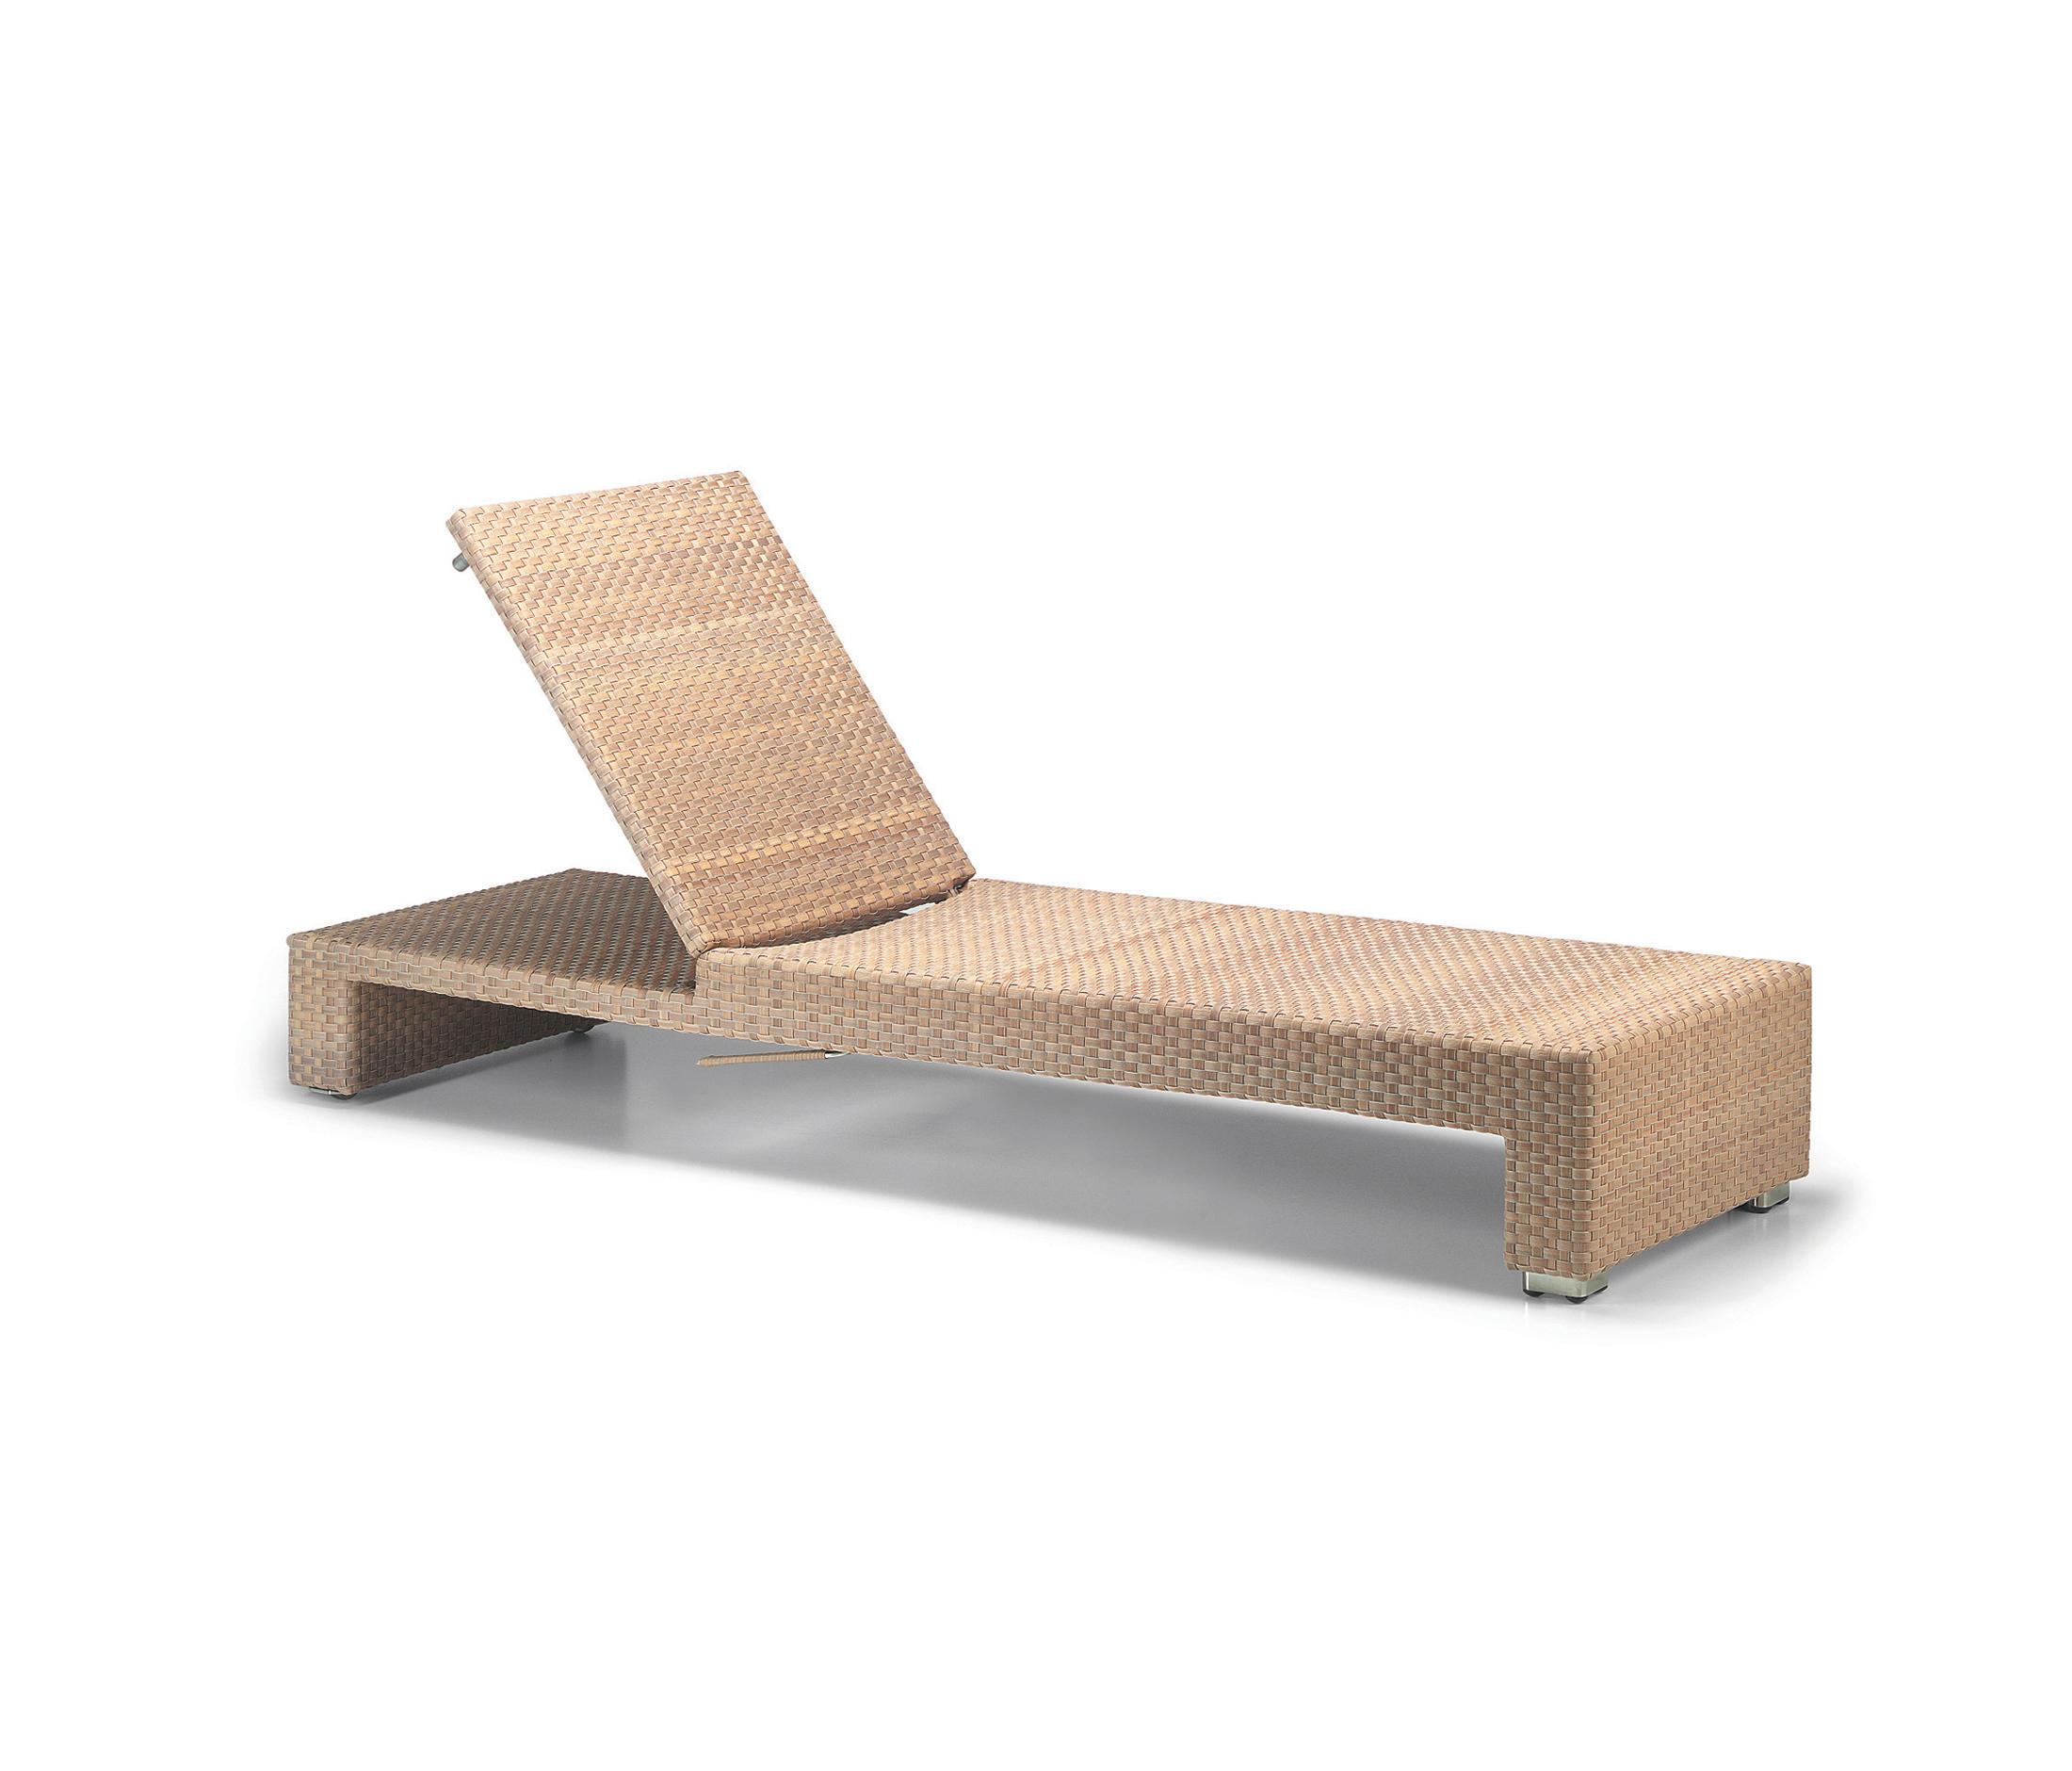 L gant chaise longue de jardin sabakunohana for Chaise longue jardin prix